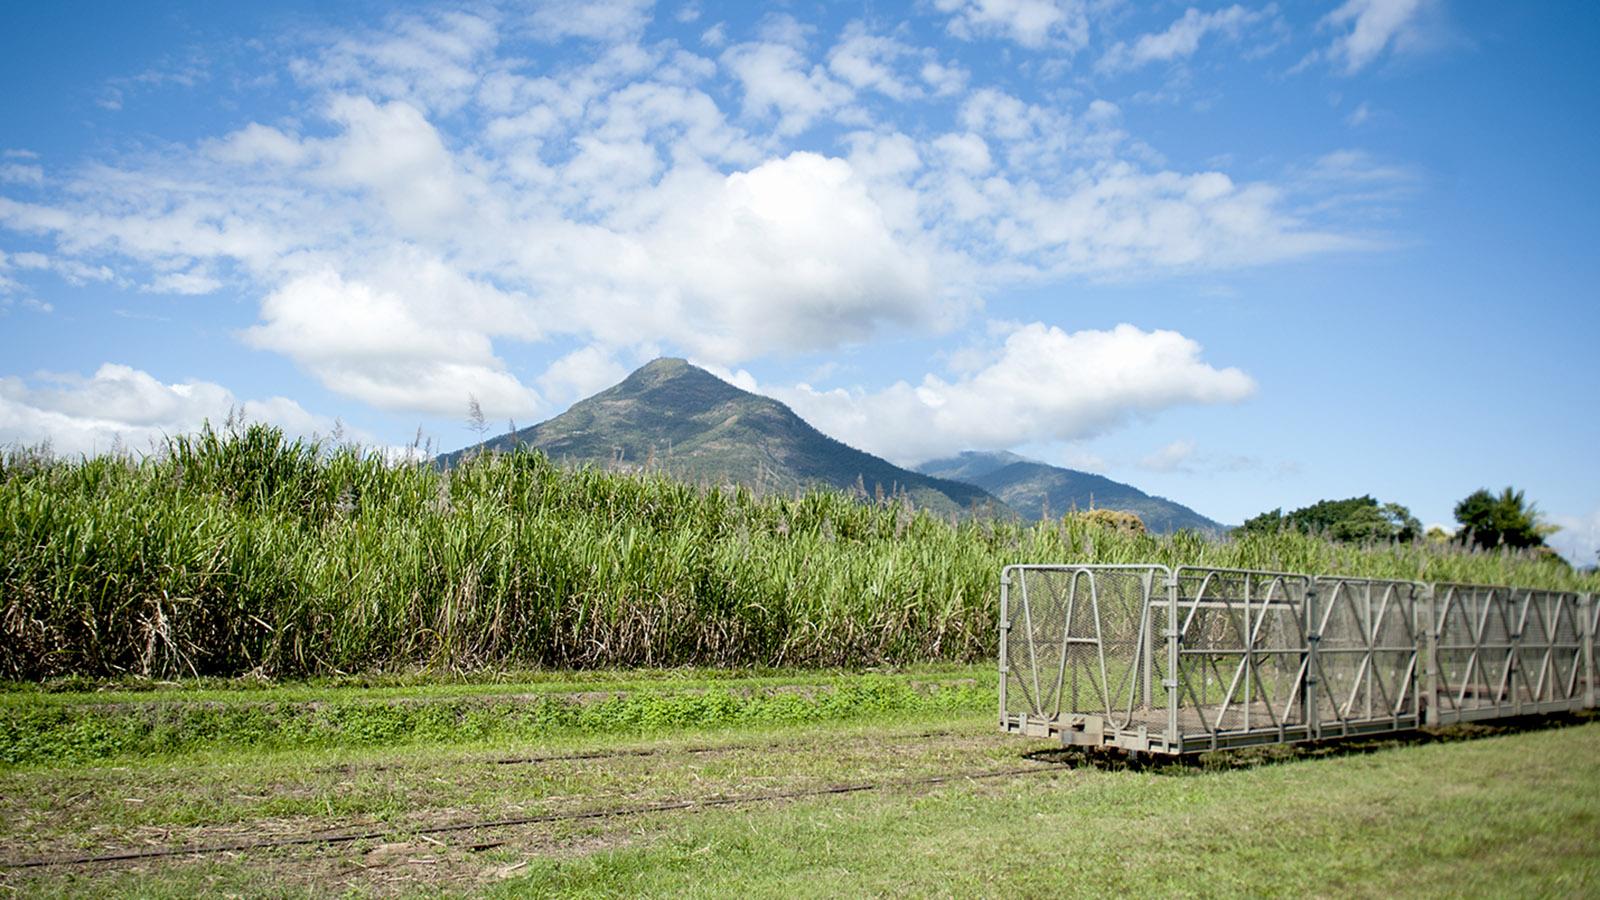 Ostküste: Im Norden von Quensland wird in der Küstenebene Zuckerrohr angebaut auf riesigen Kulturen. Foto: Hilke Maunder